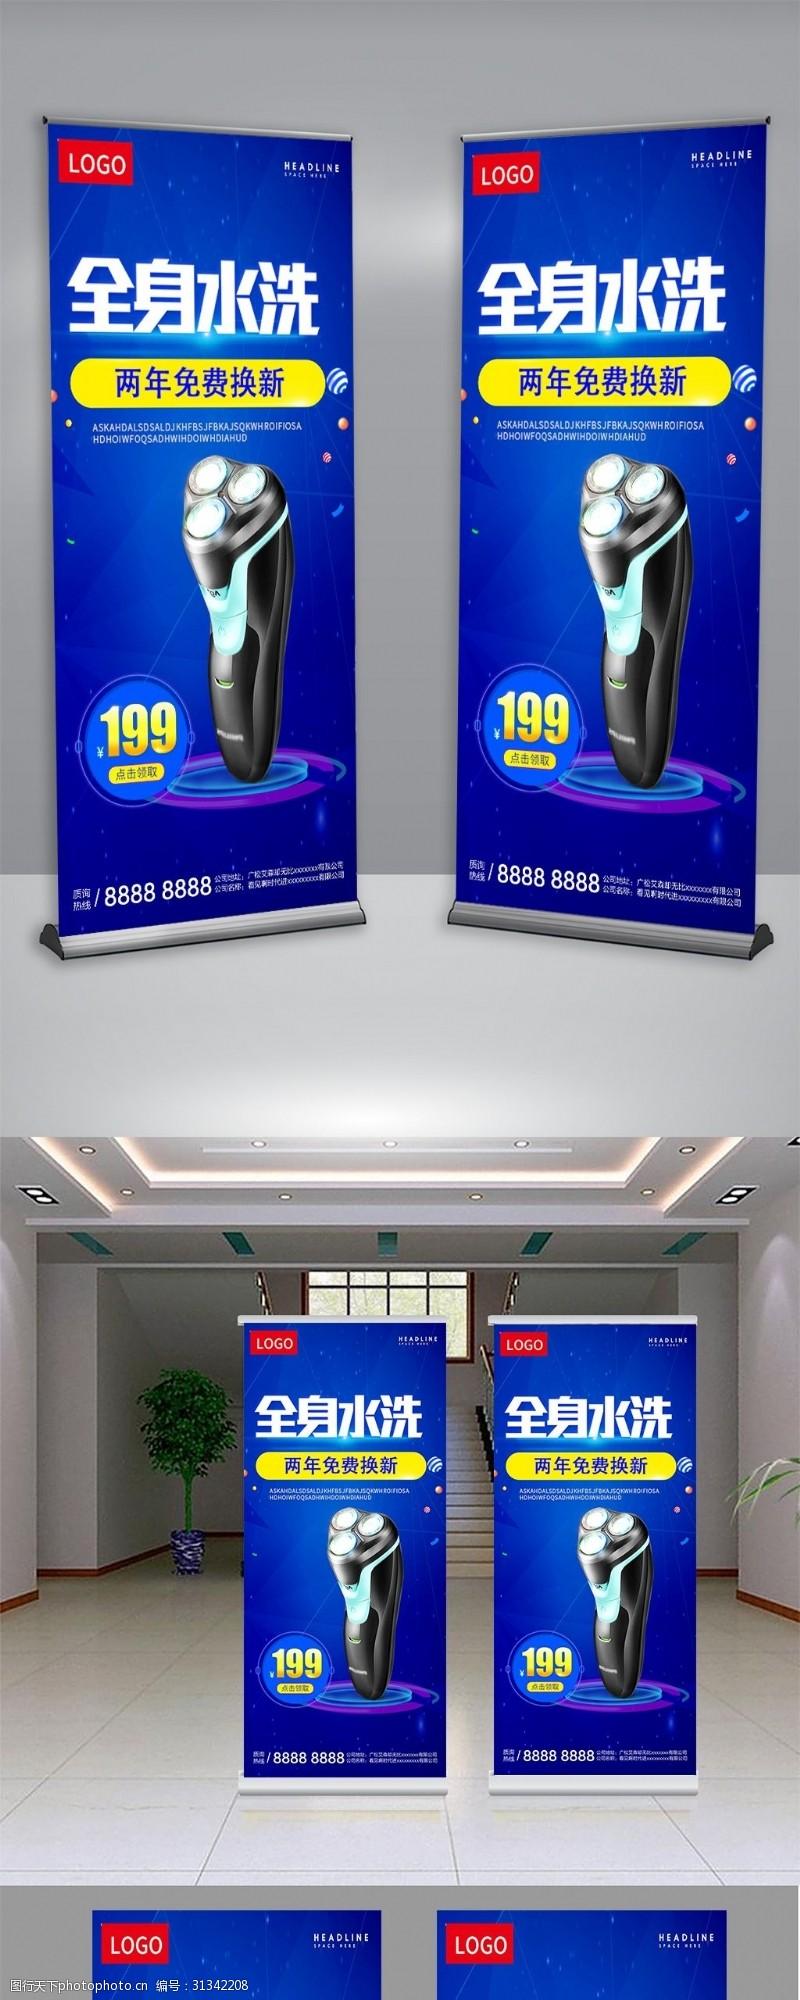 家电下乡简约时尚设计电器宣传促销展架